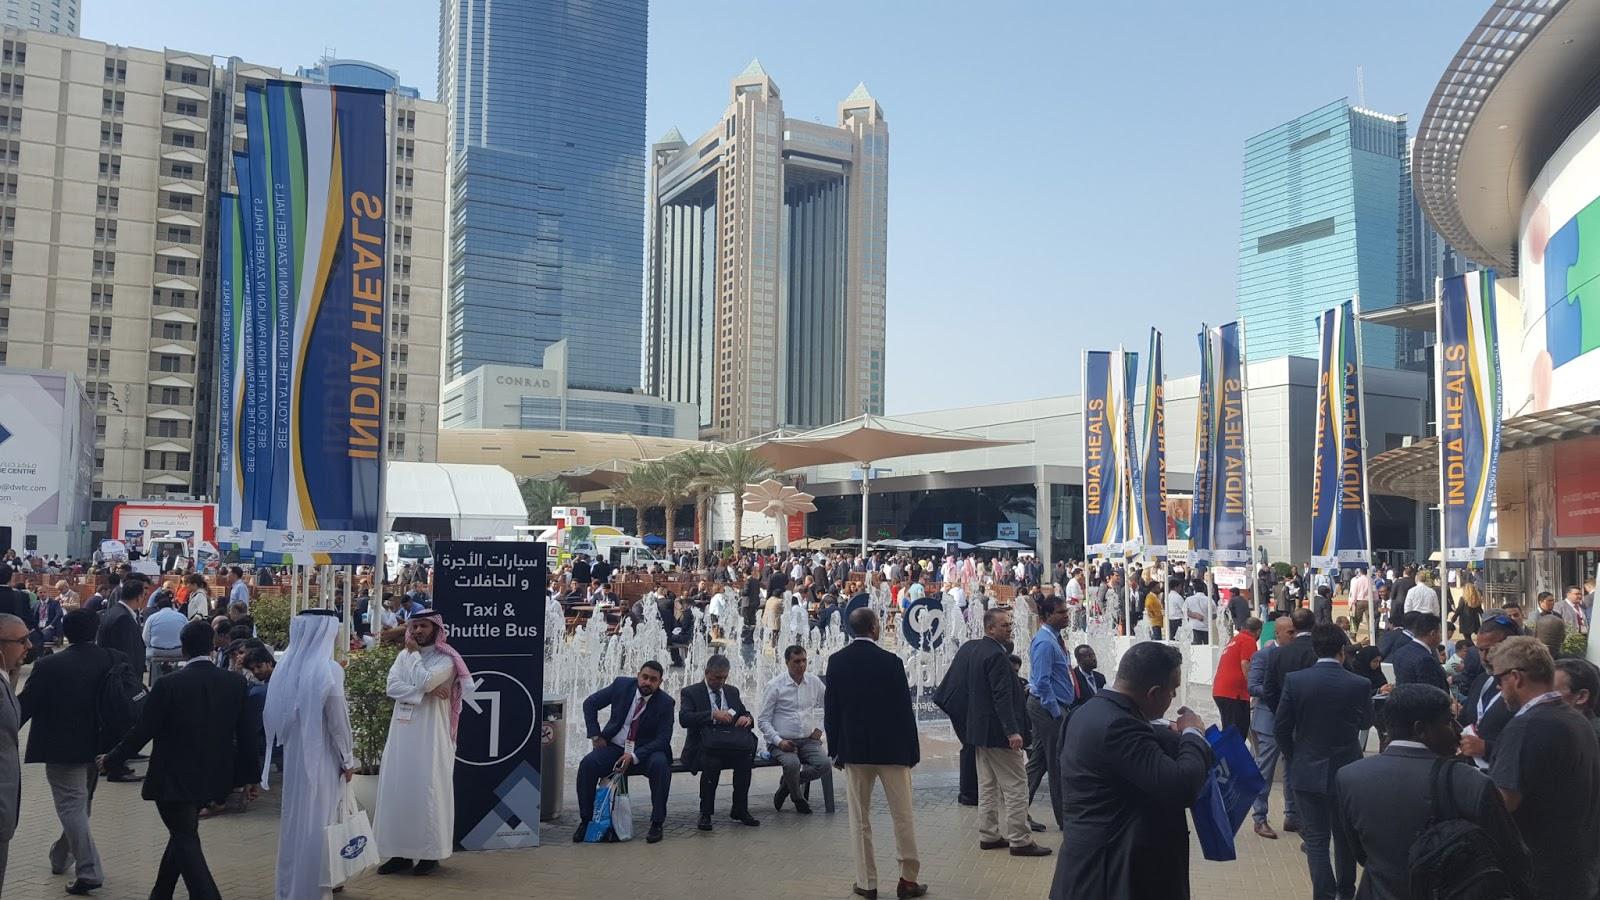 Christian dating sivustot Dubaissa